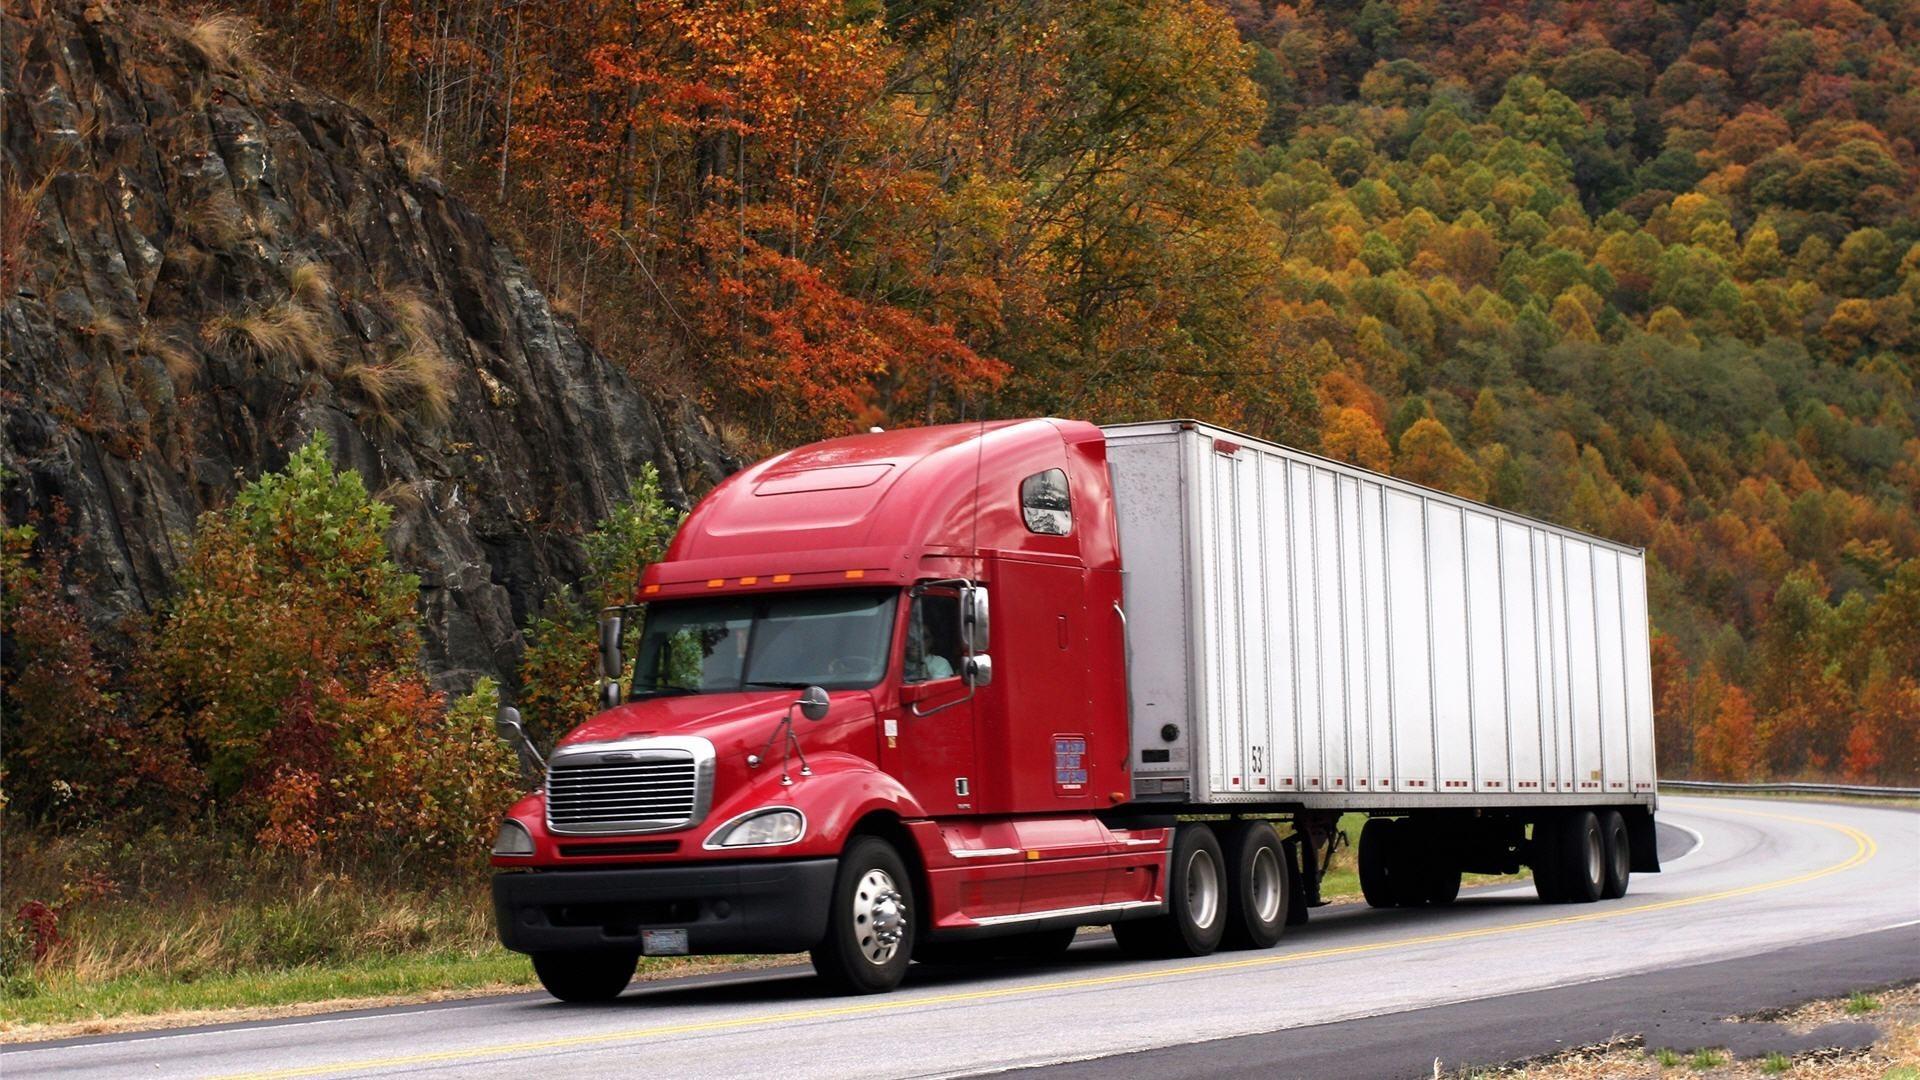 Download Free Semi Truck Wallpaper.